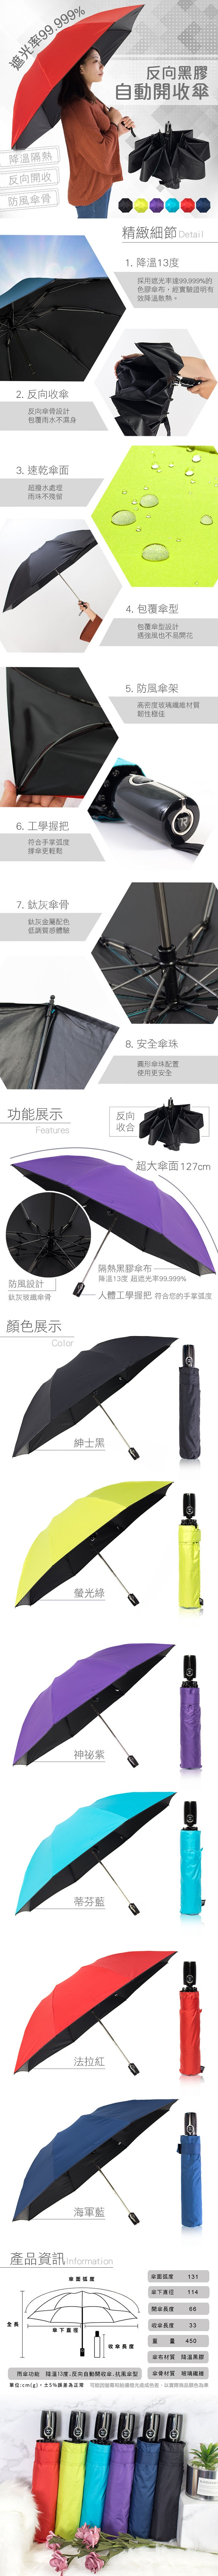 雙龍TDN 、收的妙、雙龍牌、反向傘、抗UV、黑膠傘、自動傘、開收傘